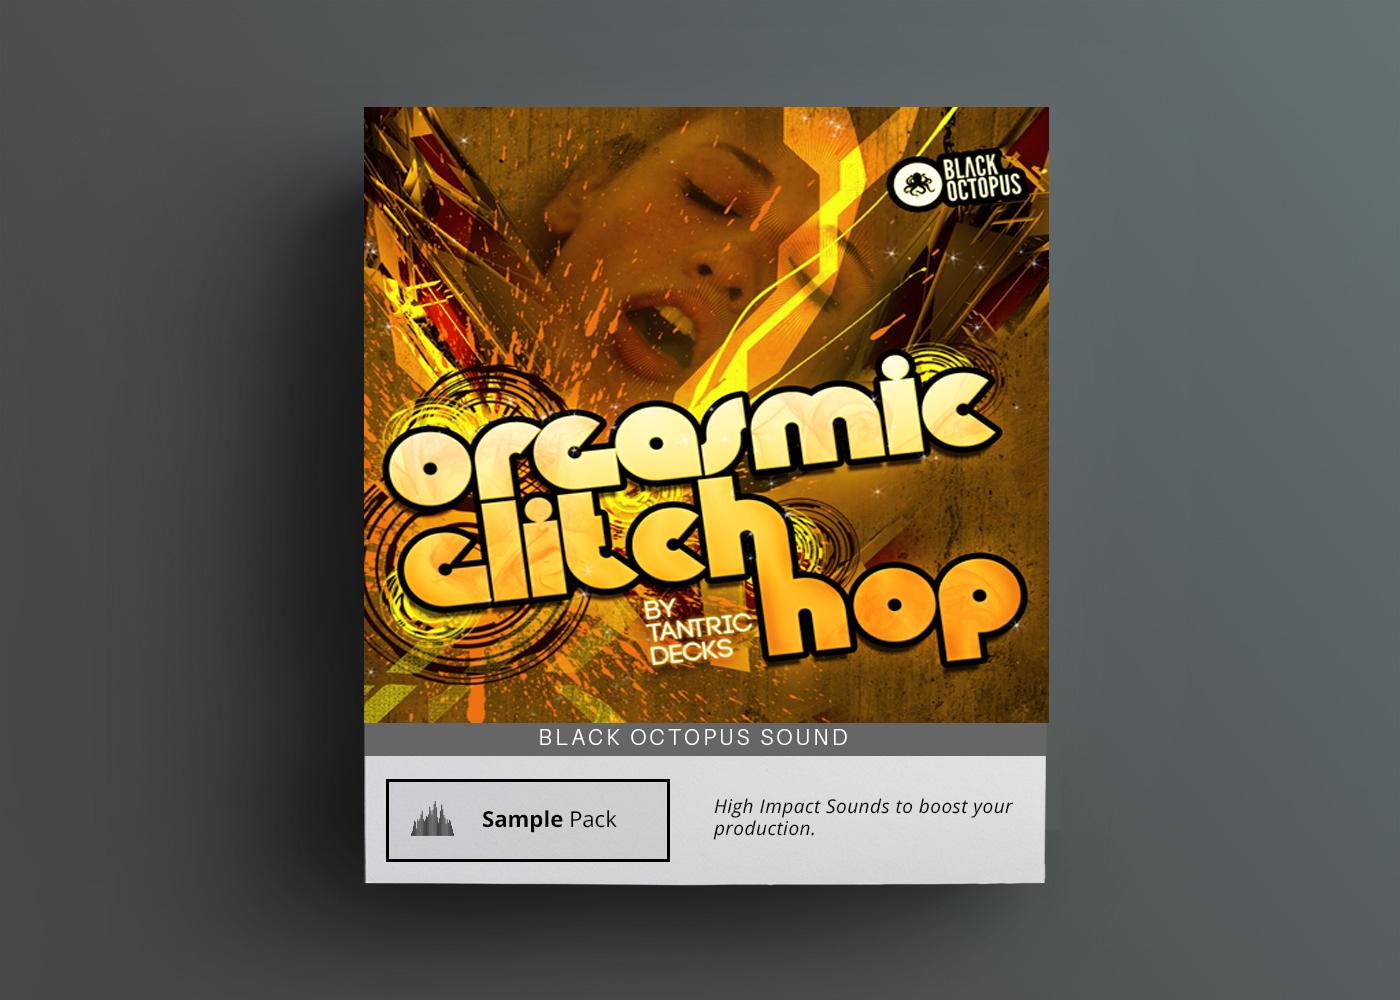 orgasmic-glitch-hop